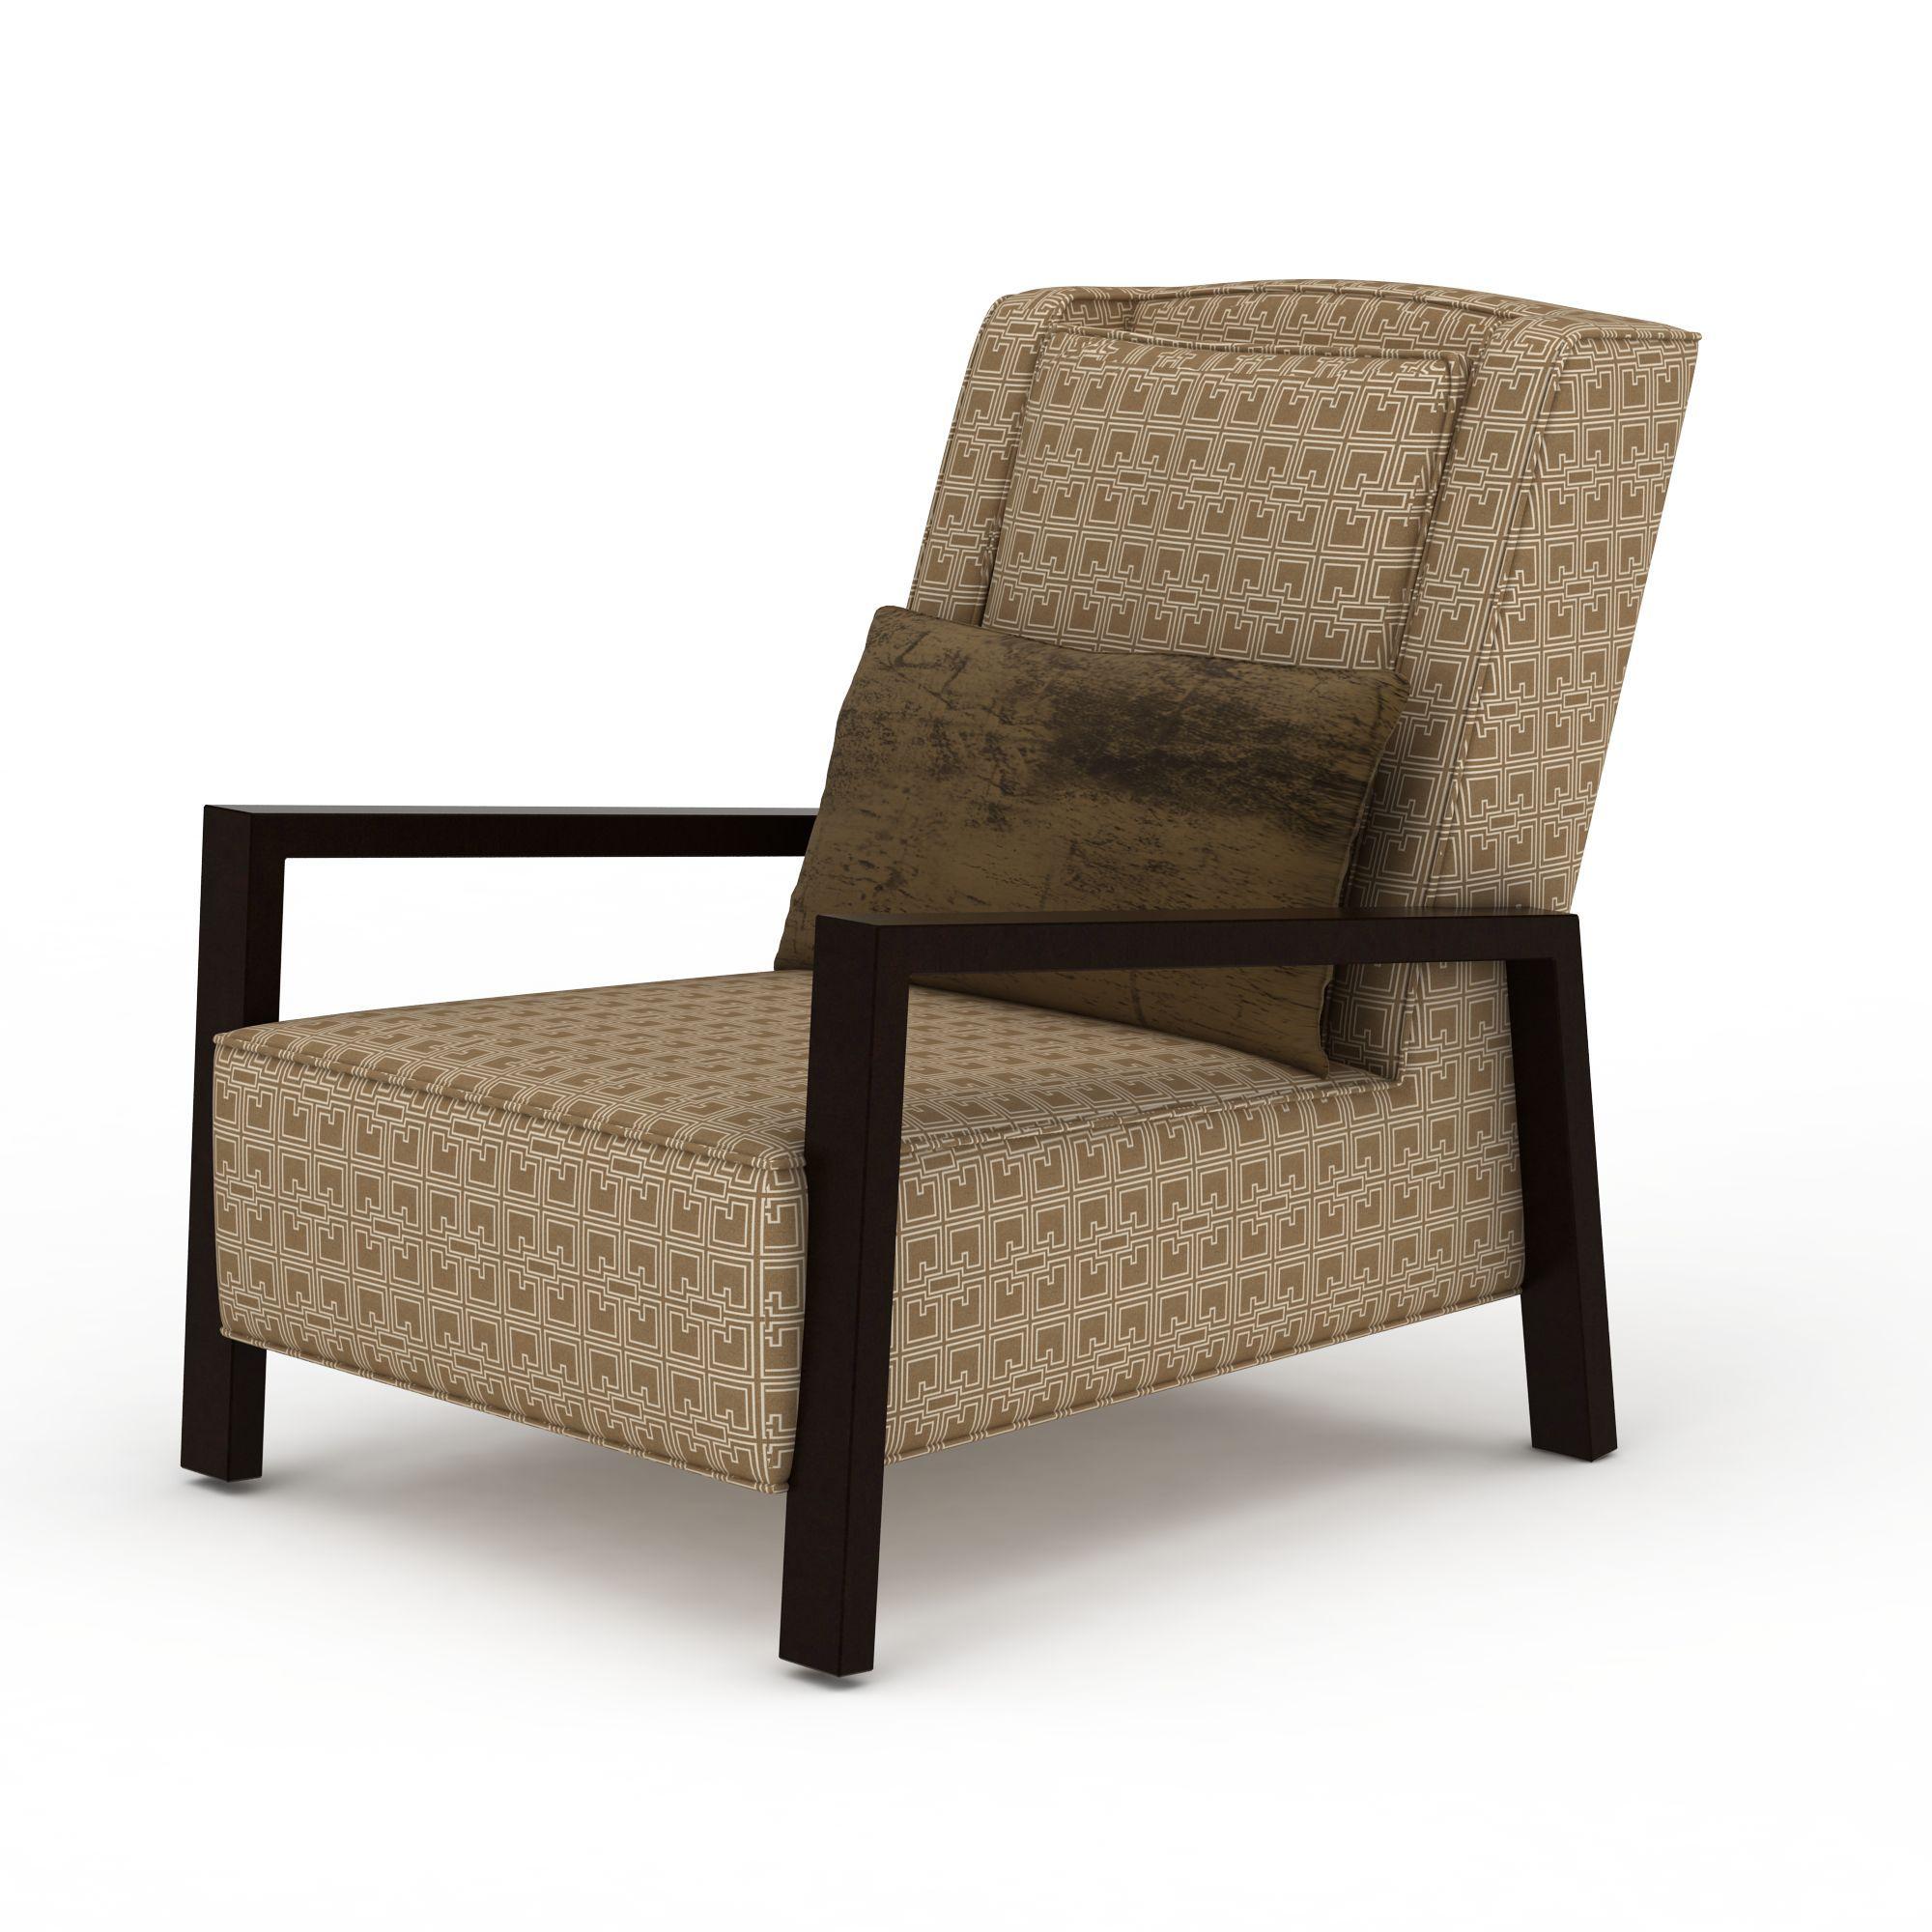 布艺休闲椅子高清图下载